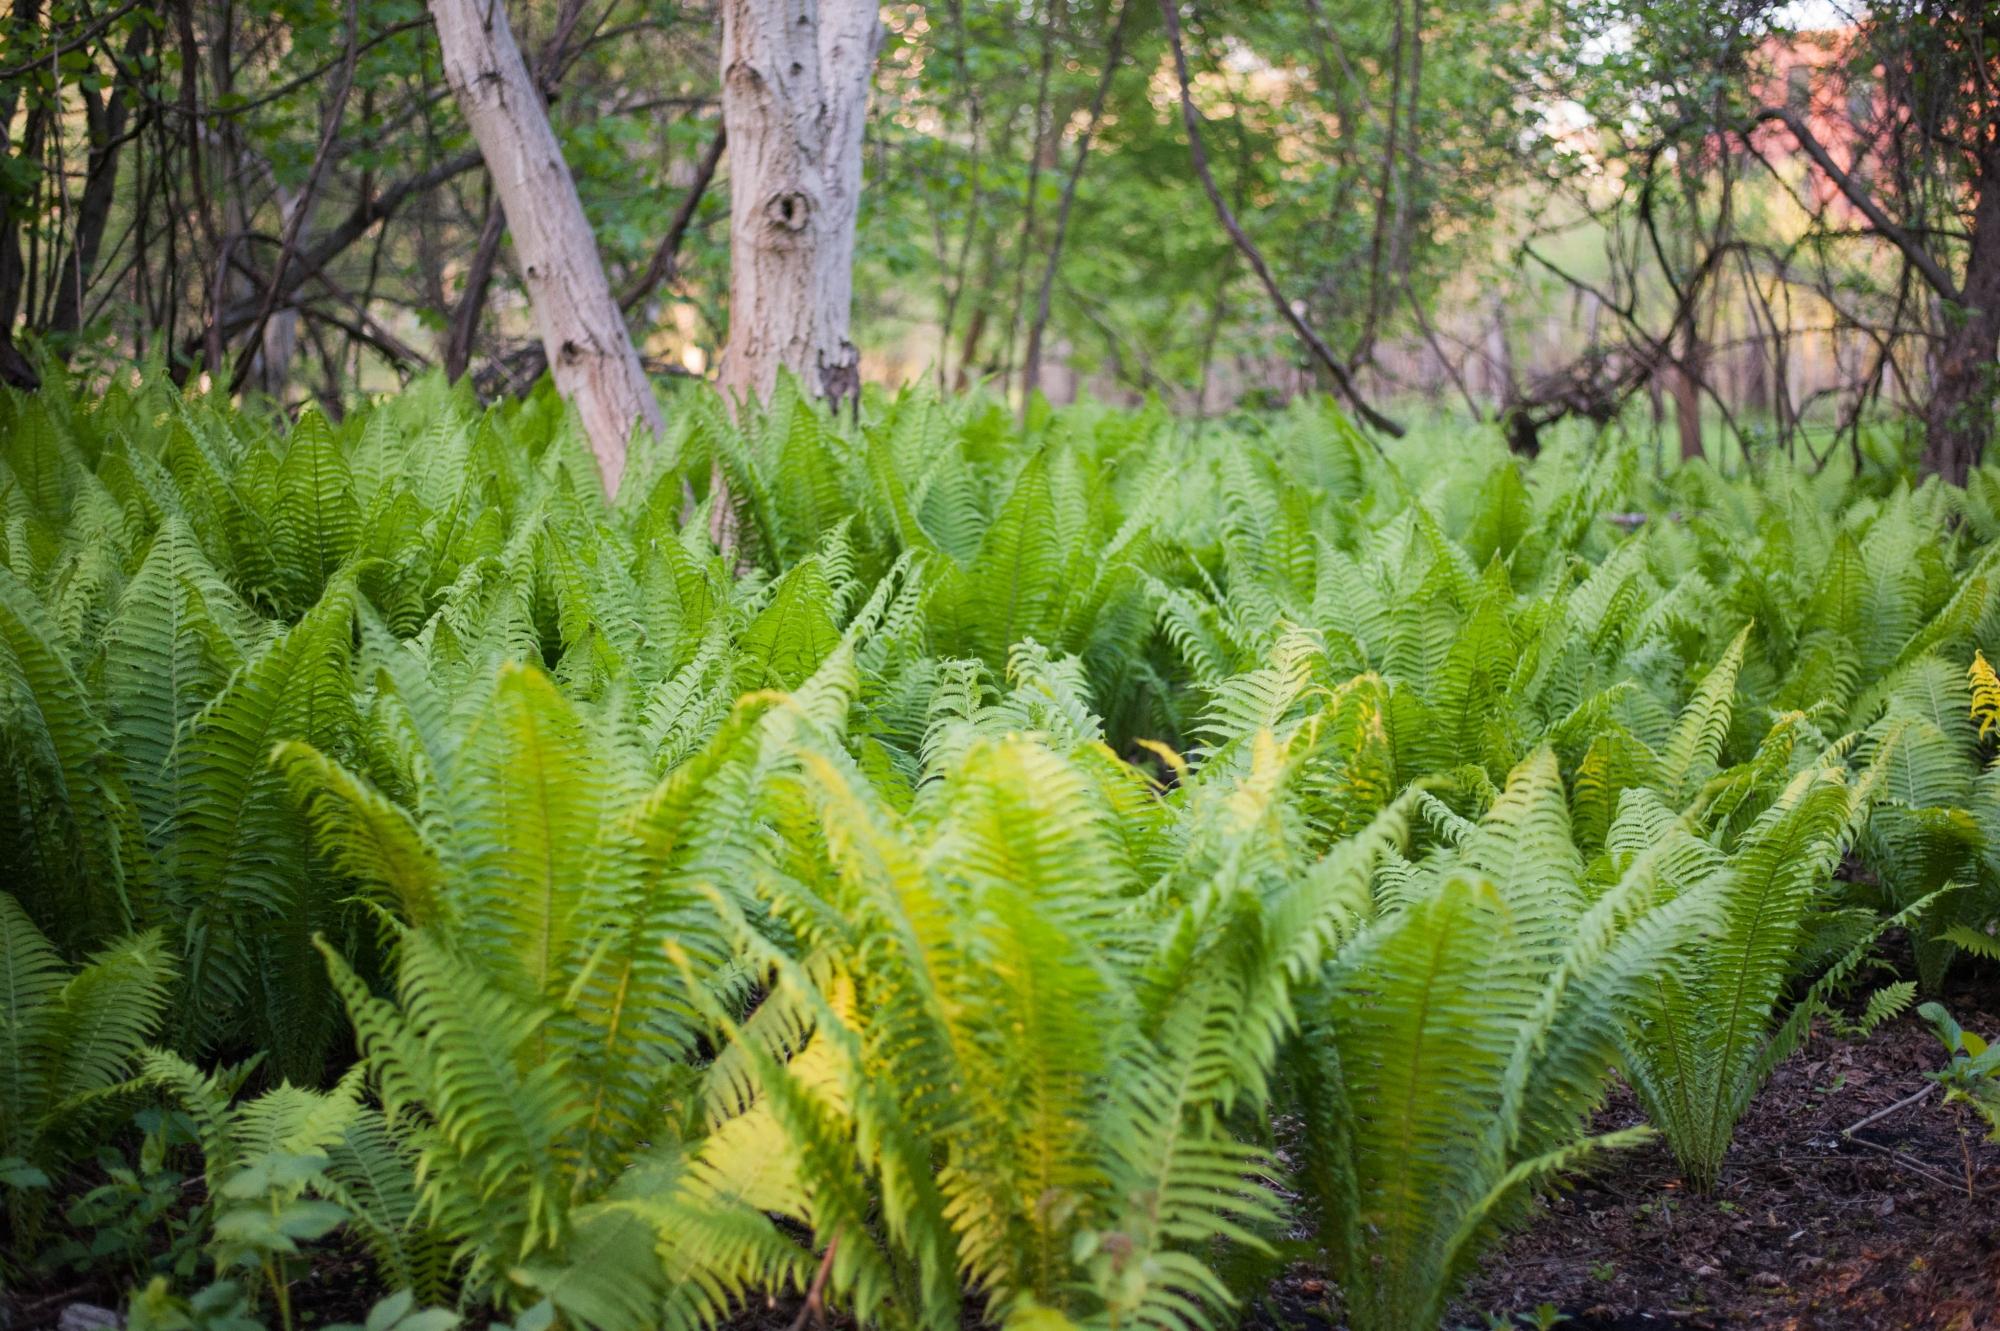 paprociowy las